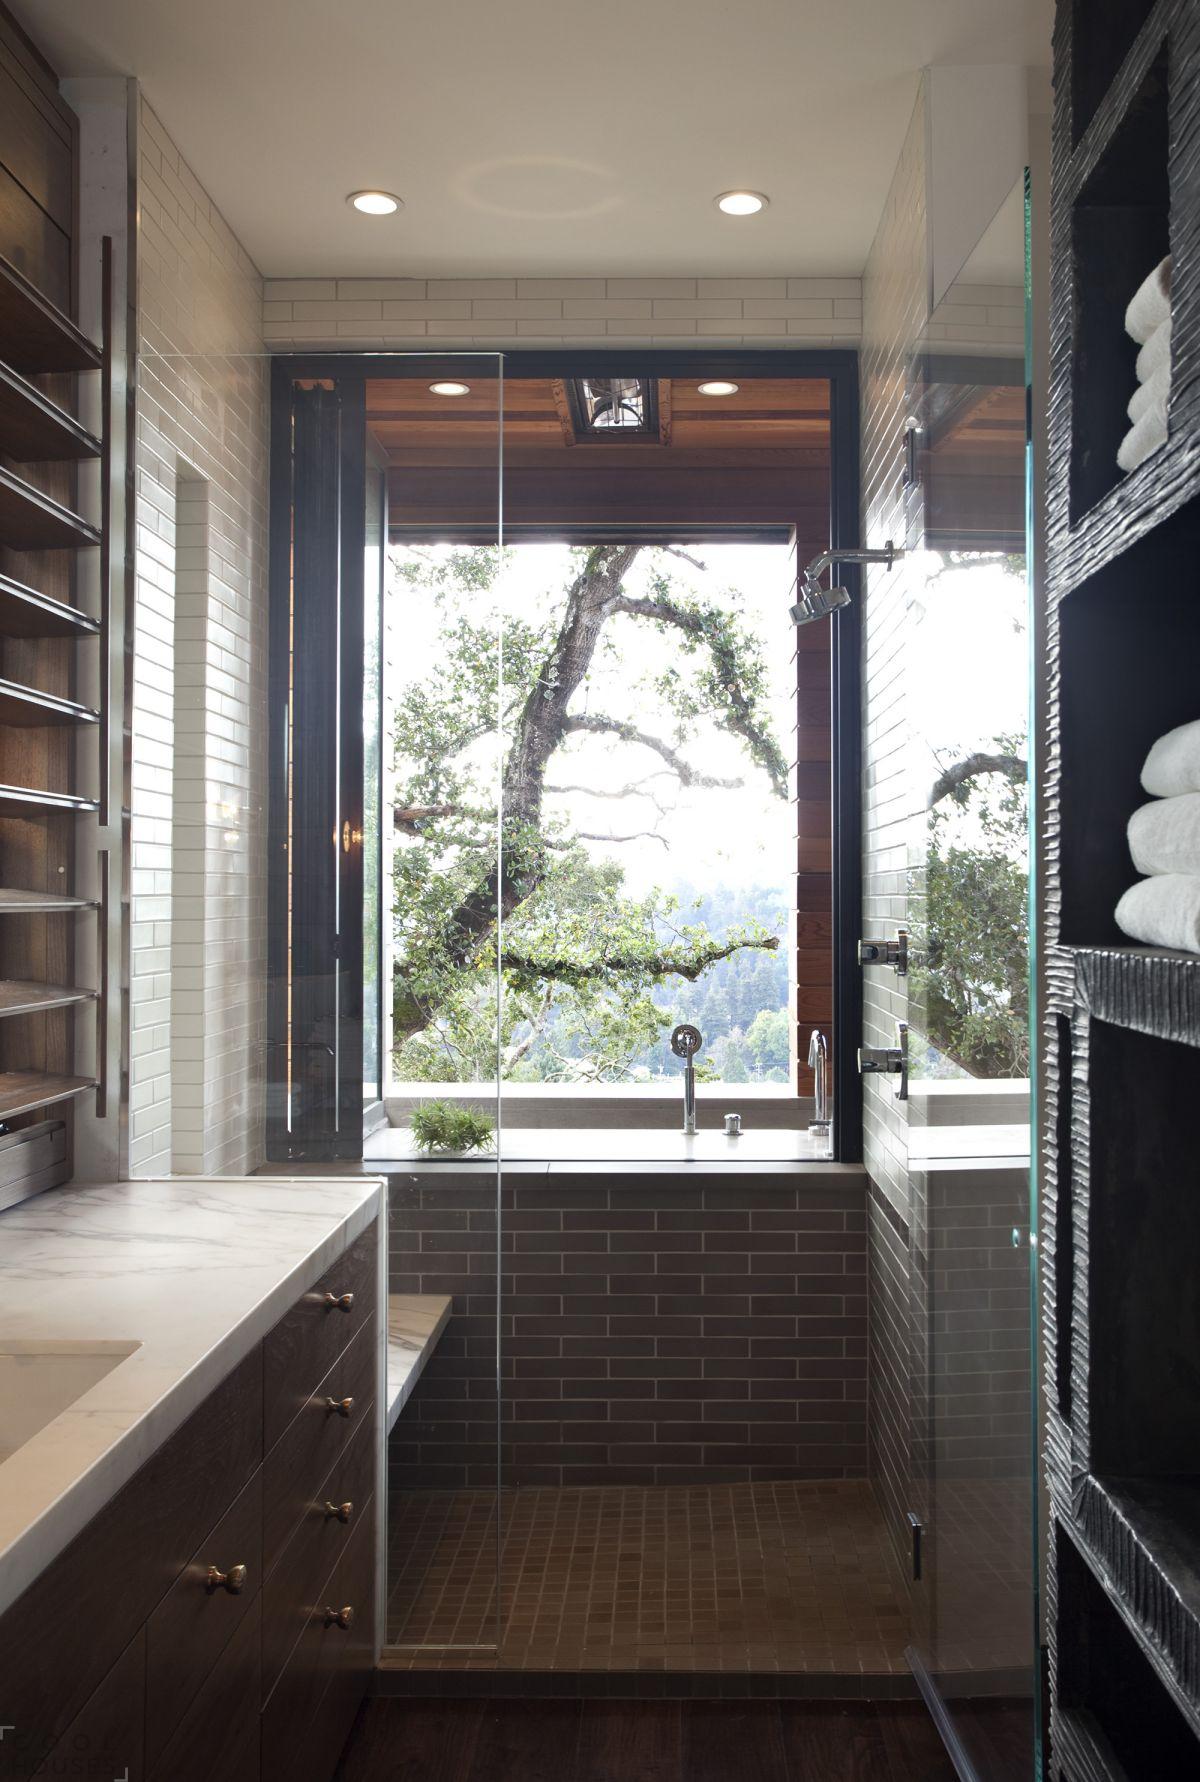 Шикарный четырехэтажный дом, расположенный на холмах Сан-Франциско